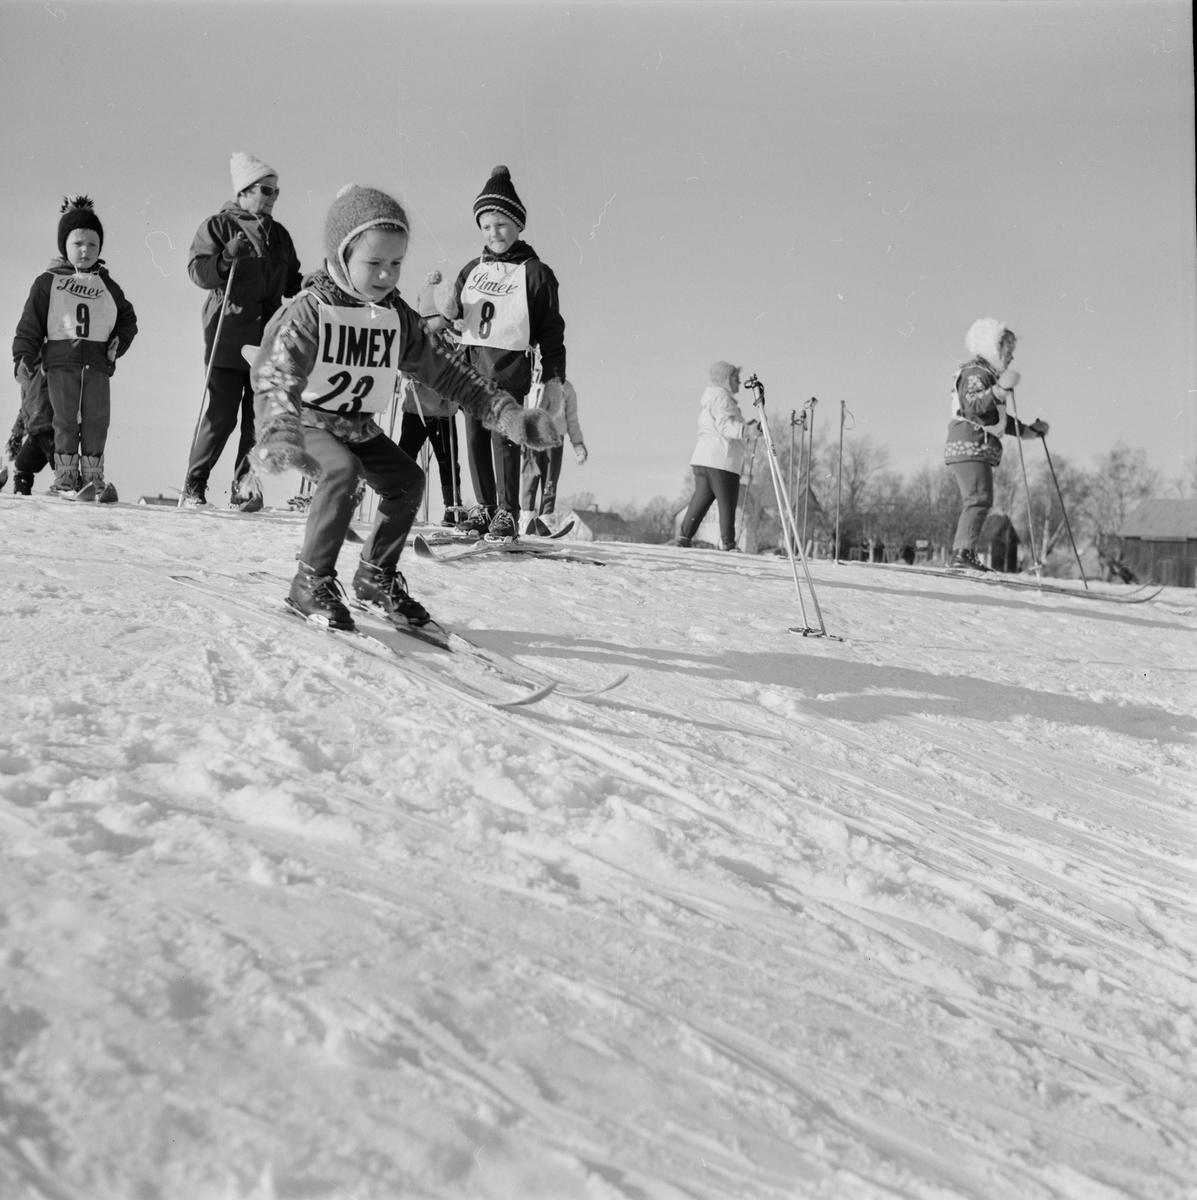 Examen i barnskidskolan, sannolikt Uppland mars 1968